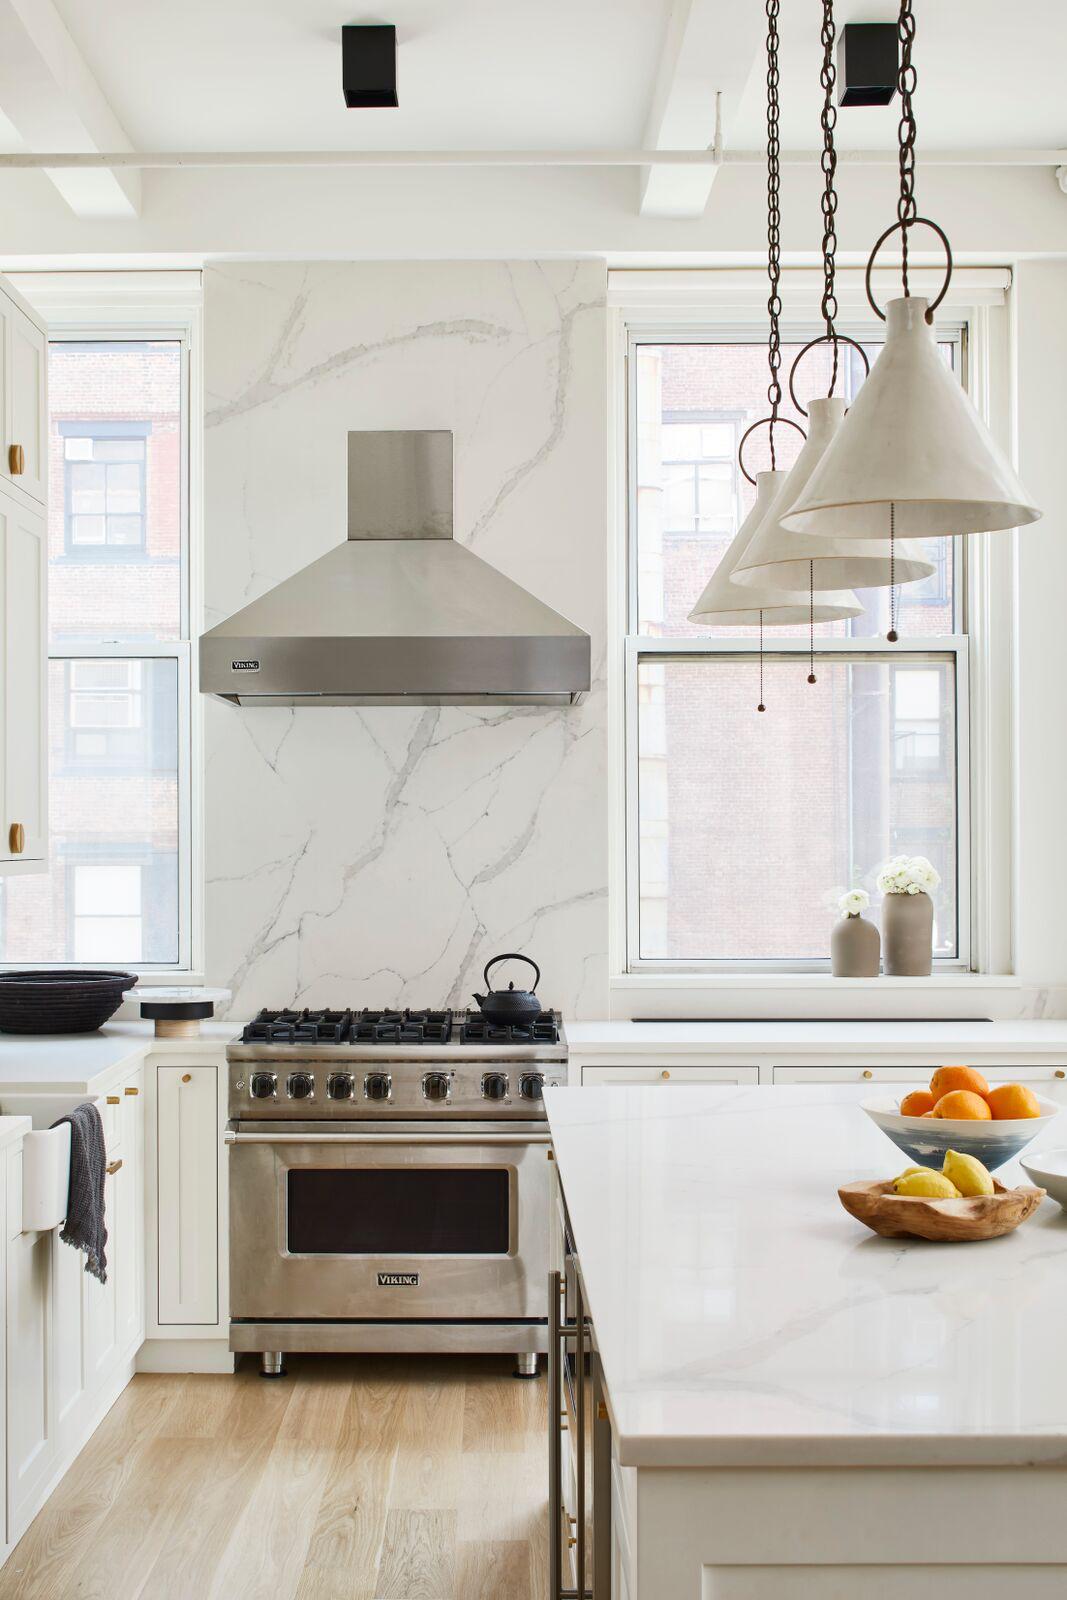 Flatiron Loft, Kitchen Alternate View by Current Interiors